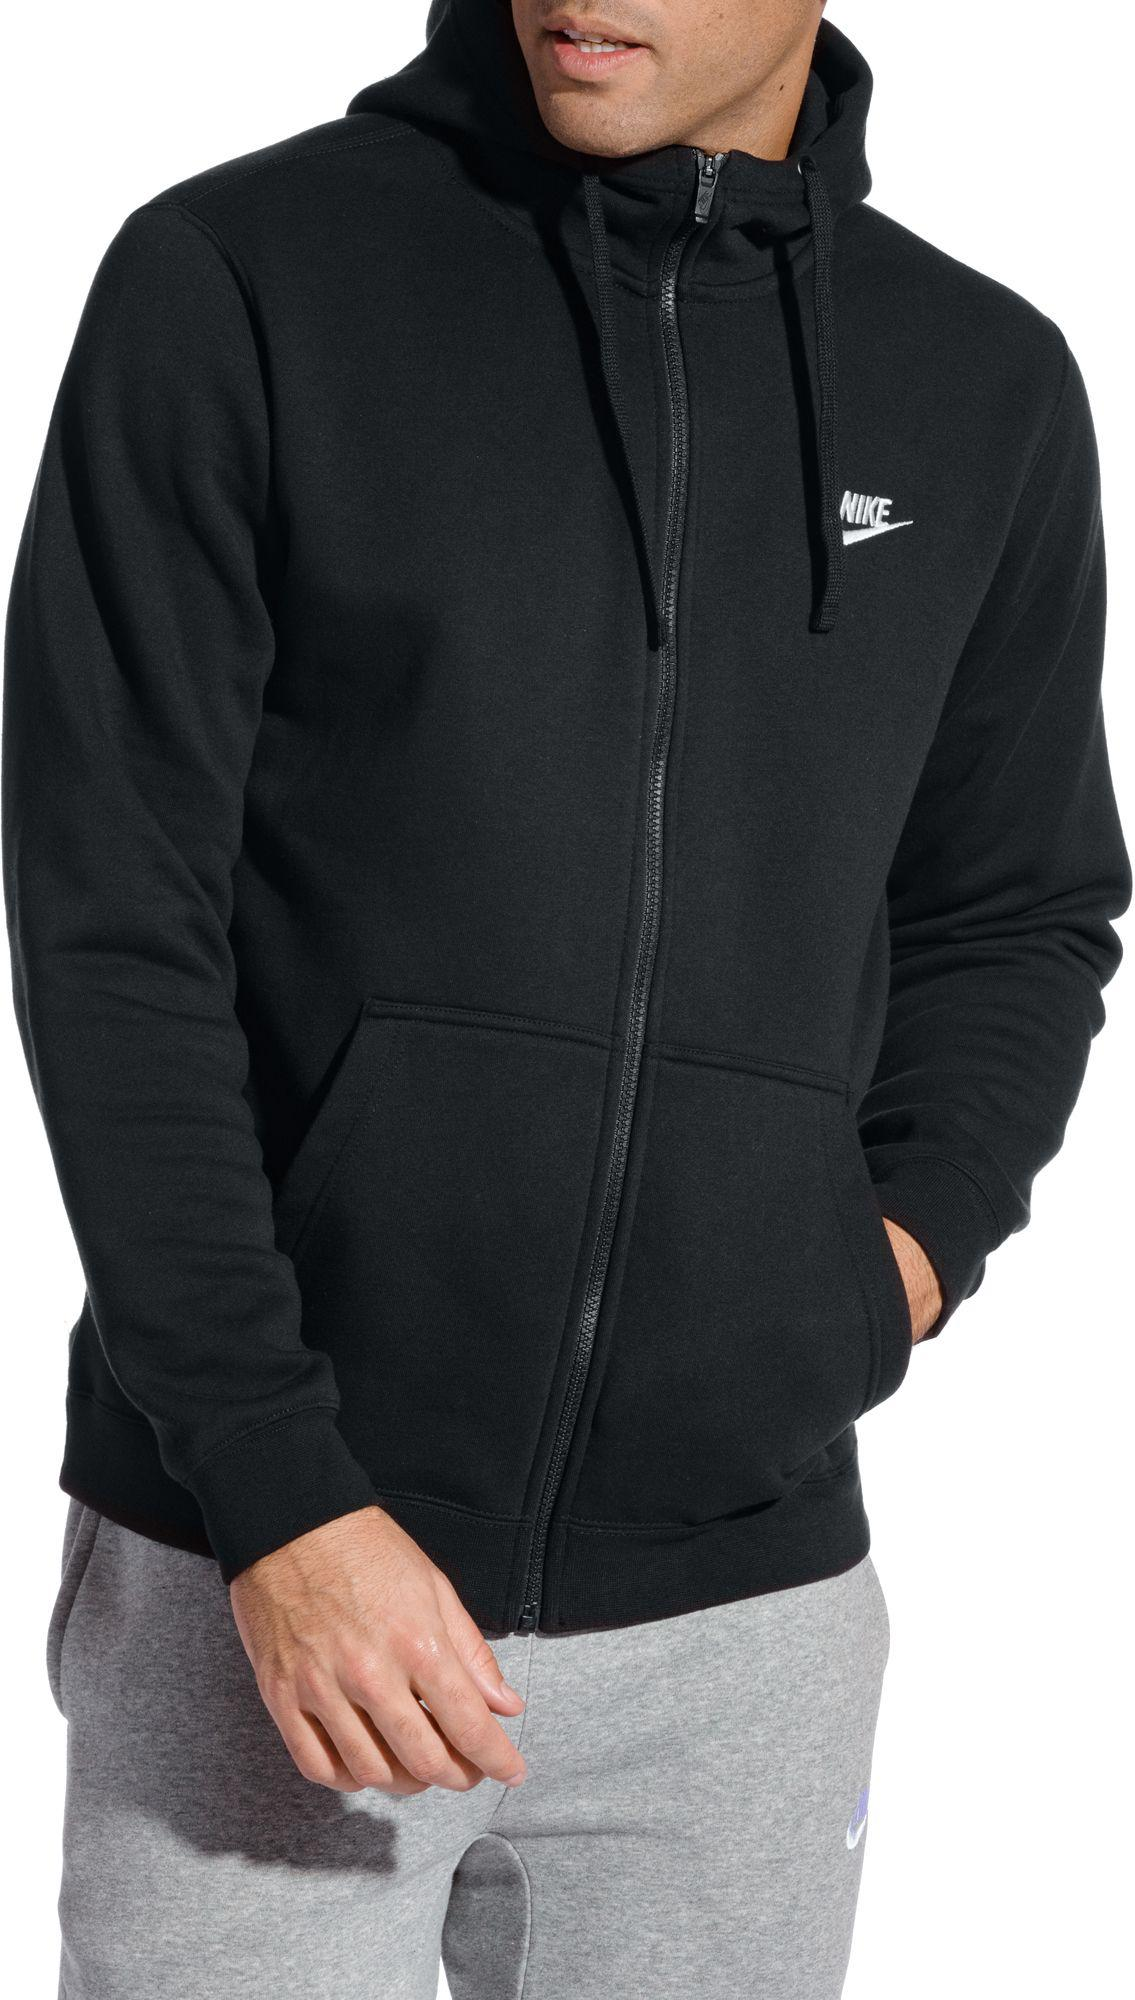 13aad155f6f9 Lyst - Nike Sportswear Club Fleece Full Zip Hoodie in Black for Men